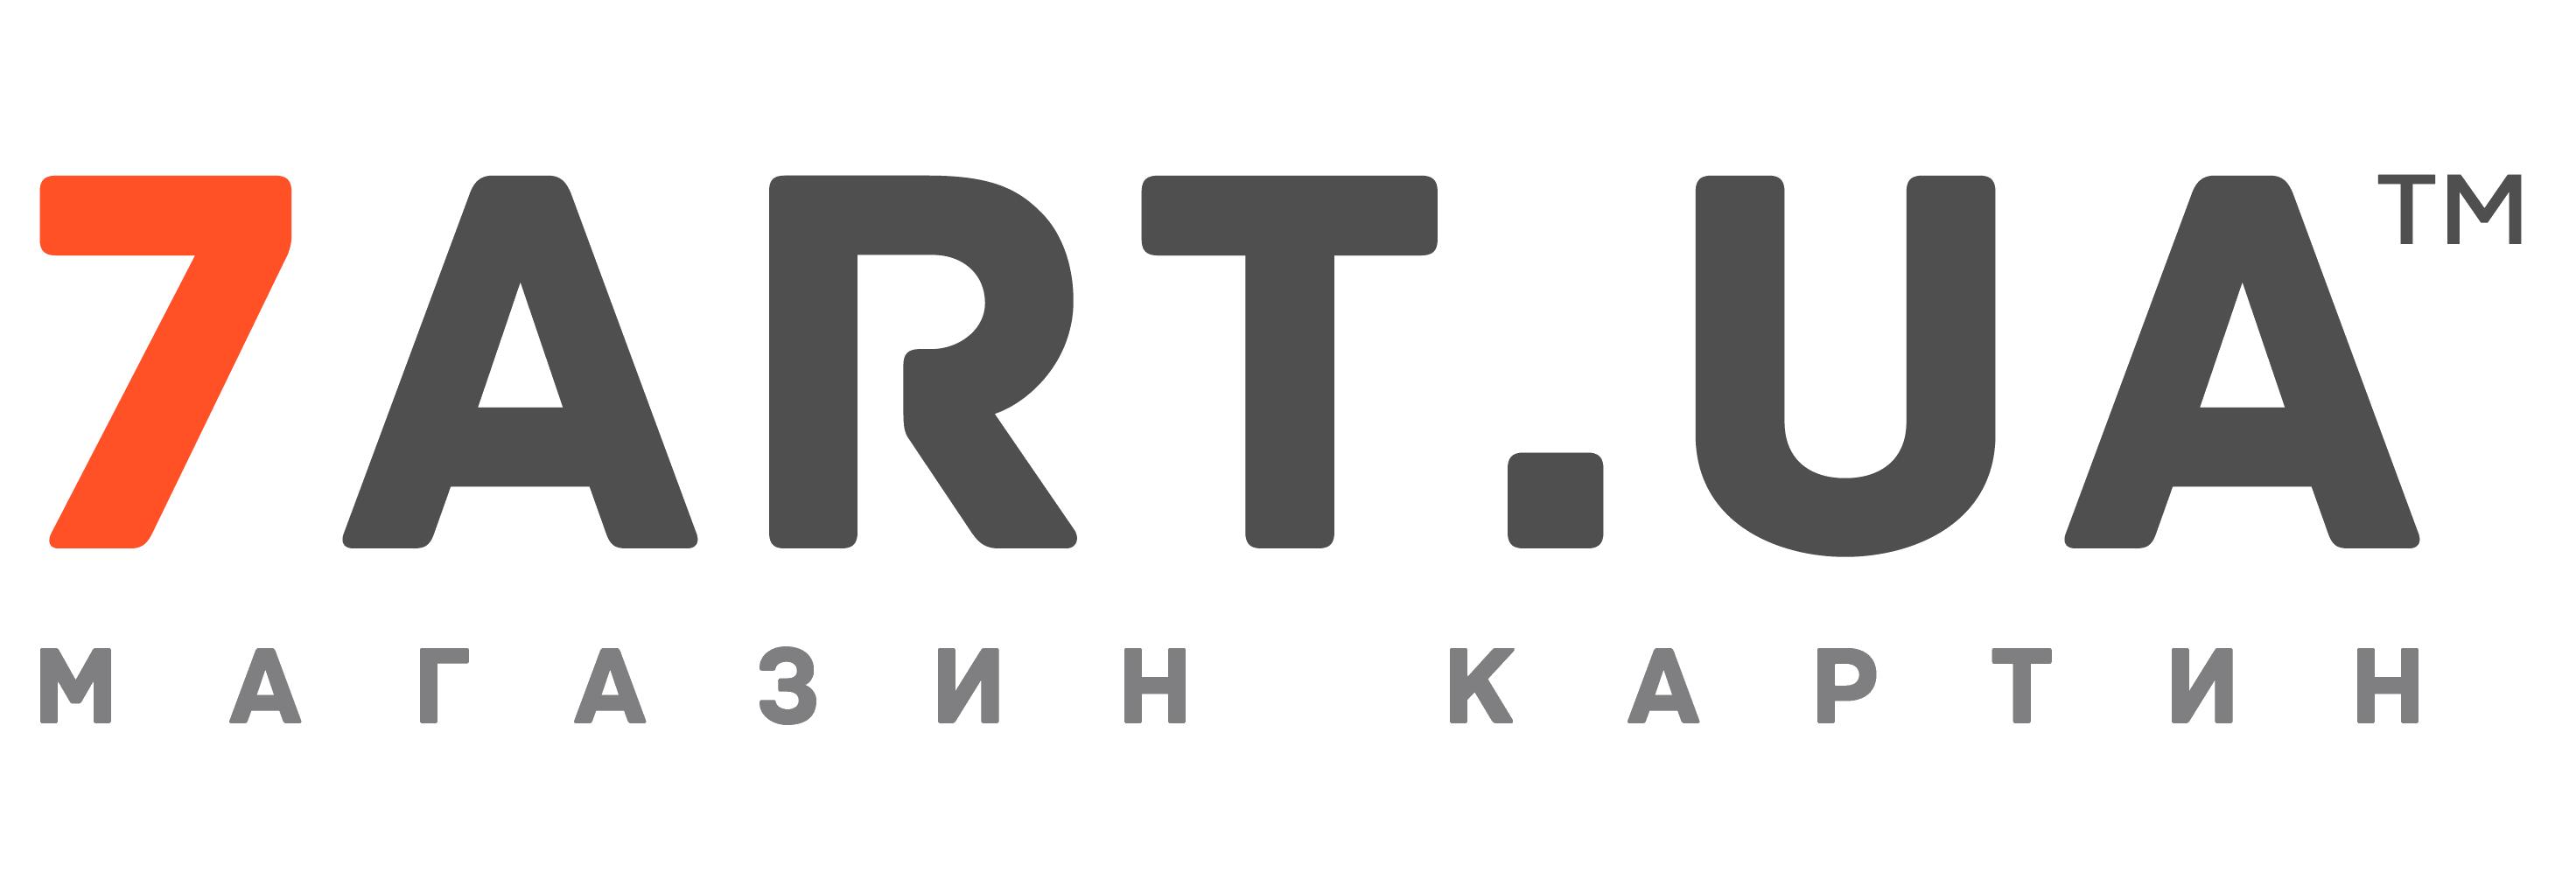 Магазин картин 7Art.ua